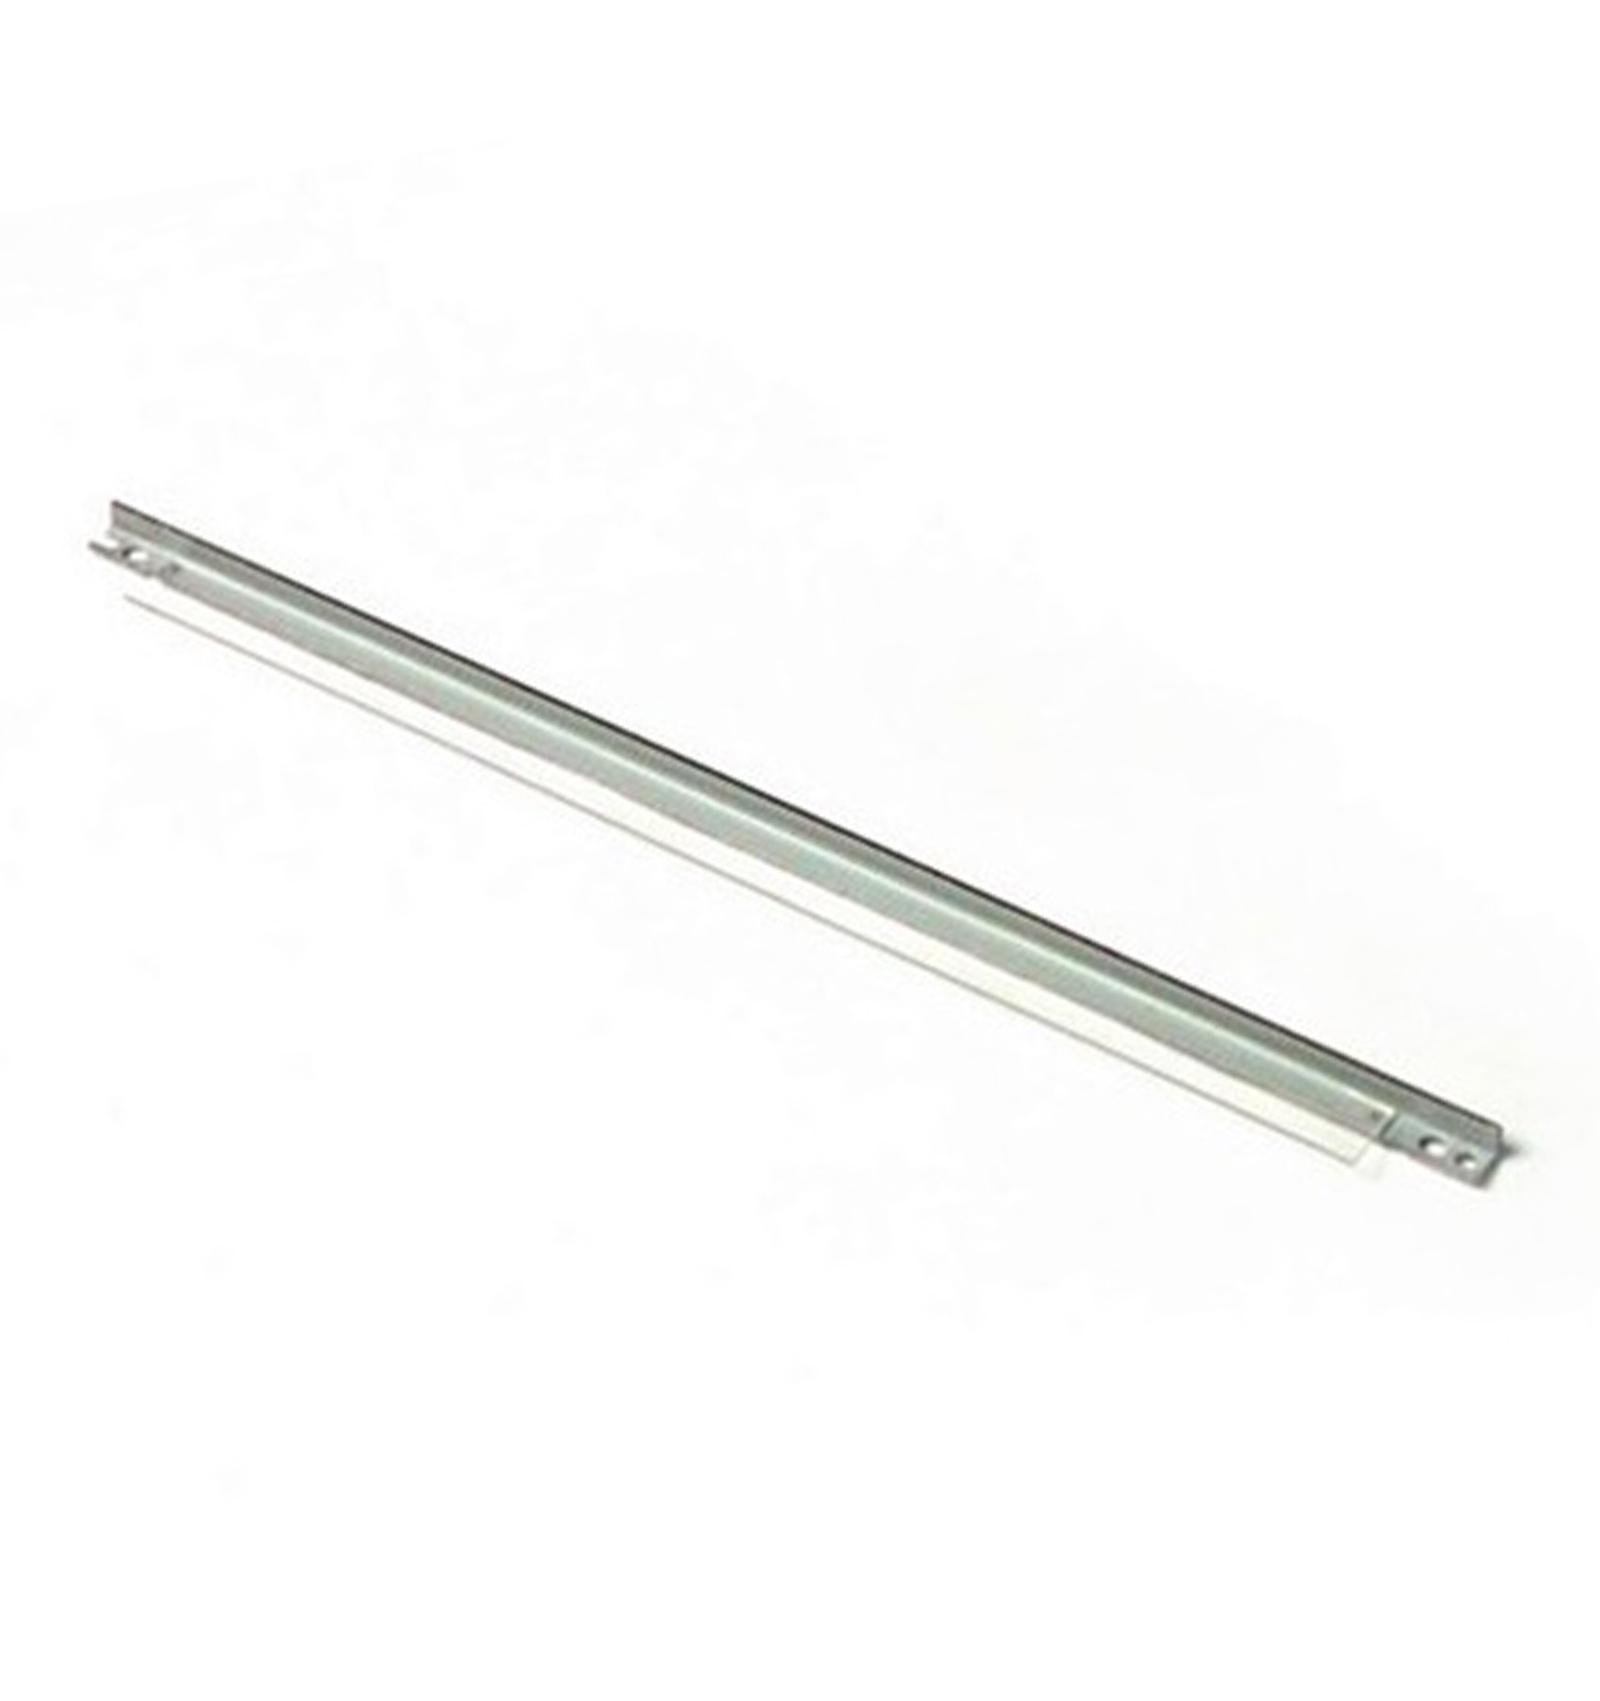 Замена дозирующего лезвия магнитого вала картриджа HP C7115A/X (15A/X) для LaserJet 1000w/1005w/1200/1220/3300/3380